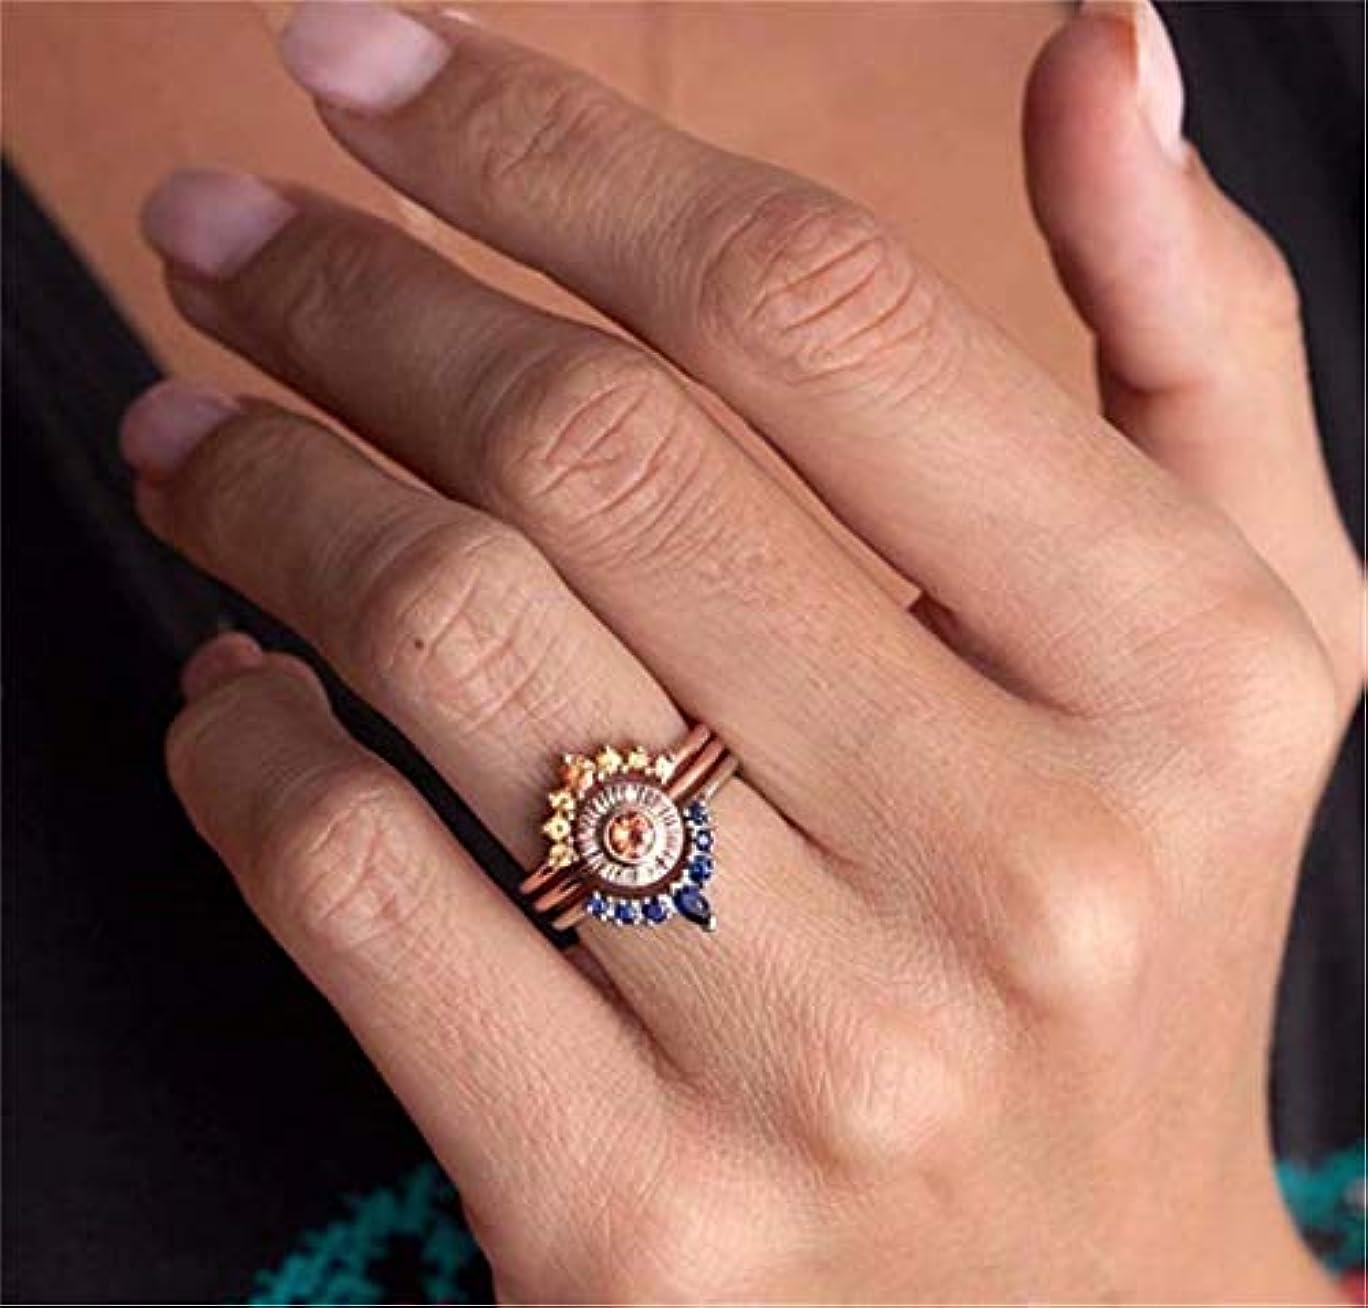 面倒地震スカルク七里の香 指輪 ペアリング レディース メンズ リング キュービックジルコニア 結婚指輪 婚約指輪 シンプル フラワー 花 セット